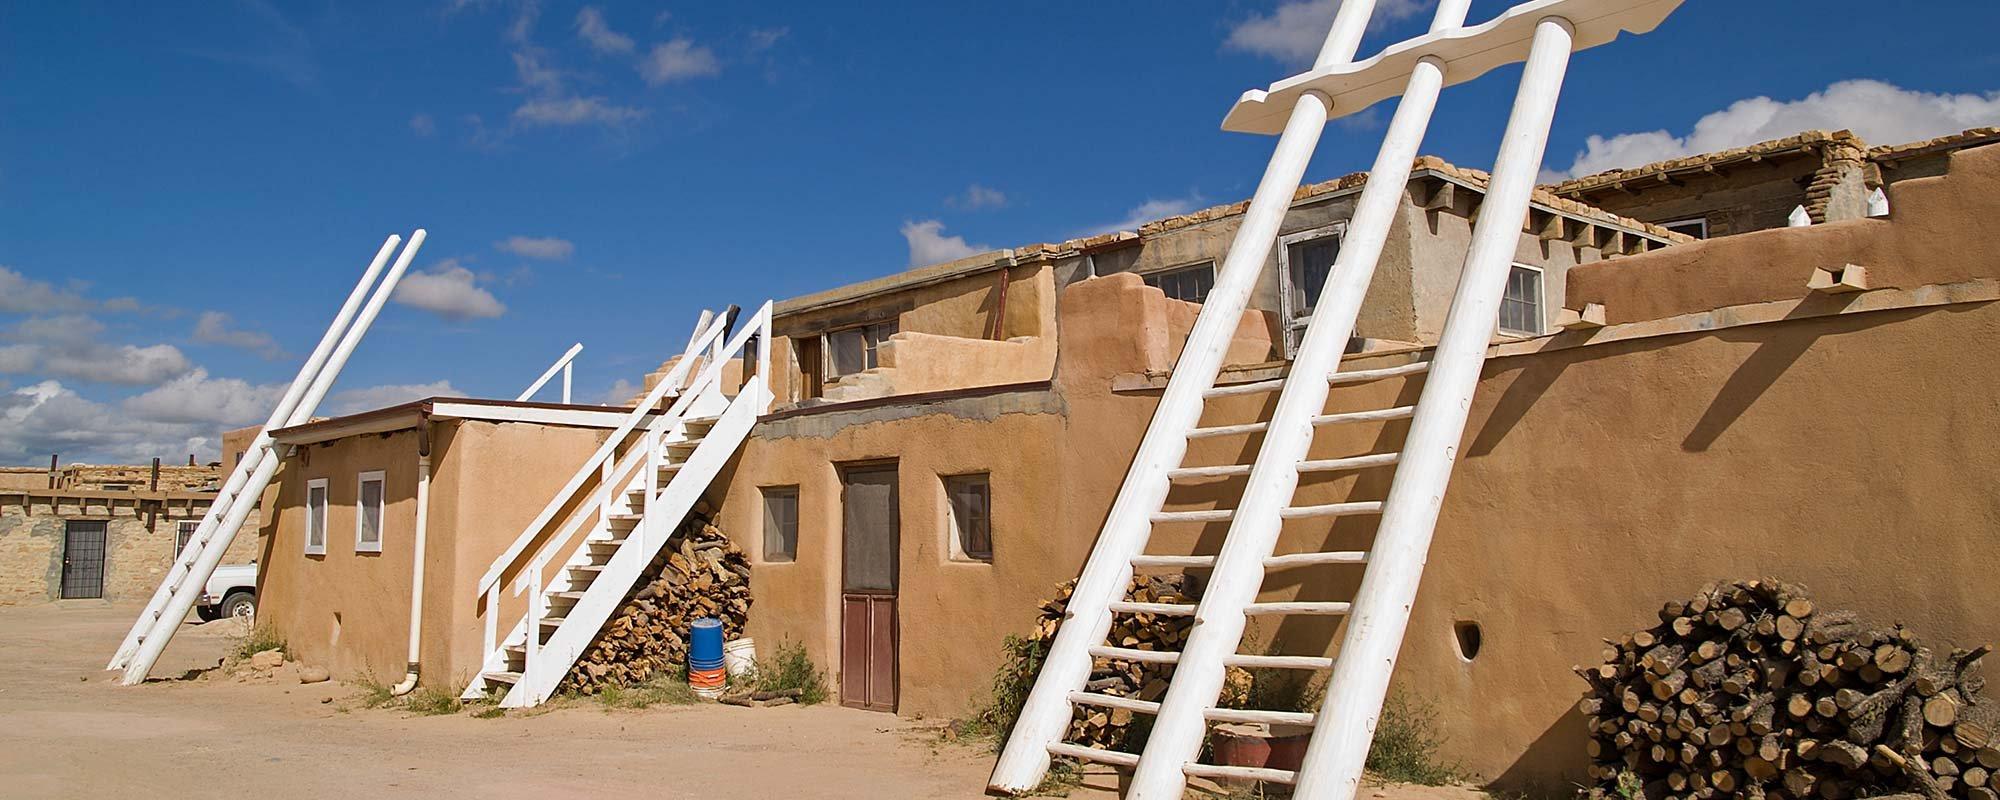 Indian Pueblo in New Mexico